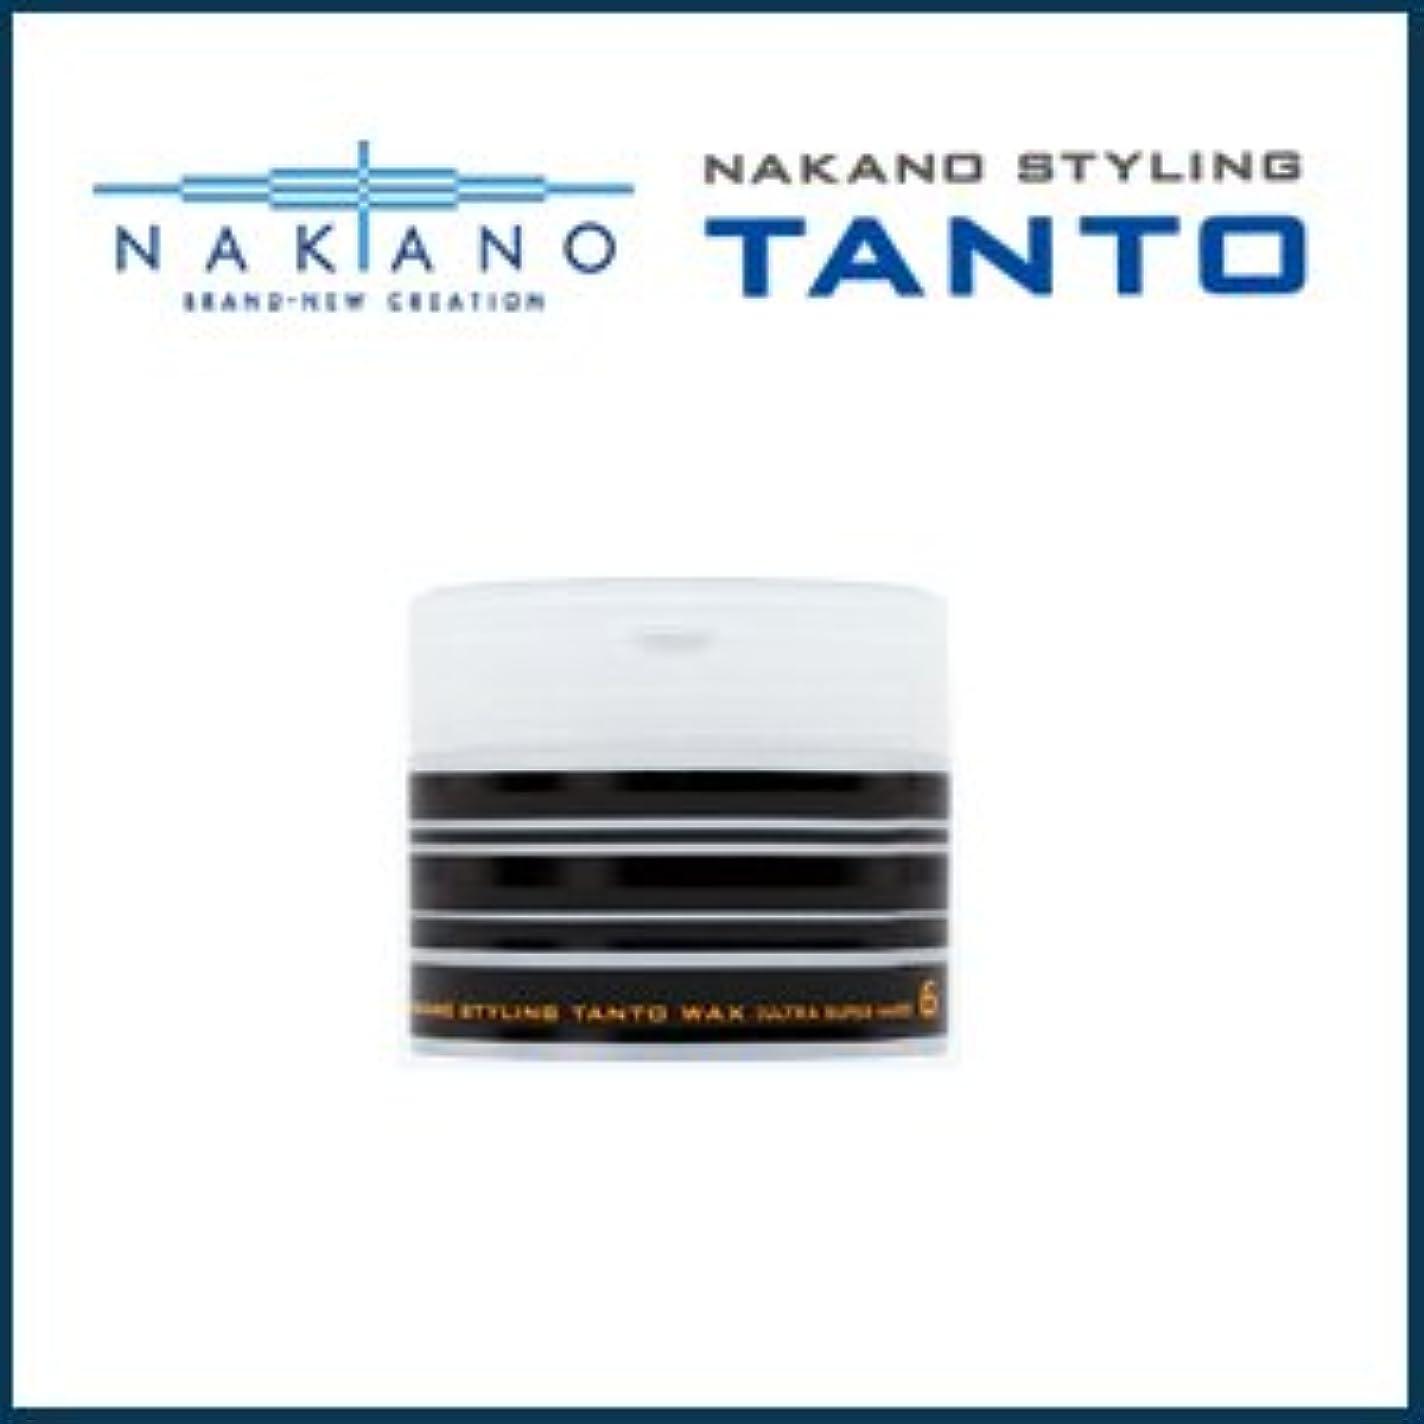 講師ジュースハードウェア【X3個セット】 ナカノ タント Nワックス 6 ウルトラスーパーハード 90g 容器入り